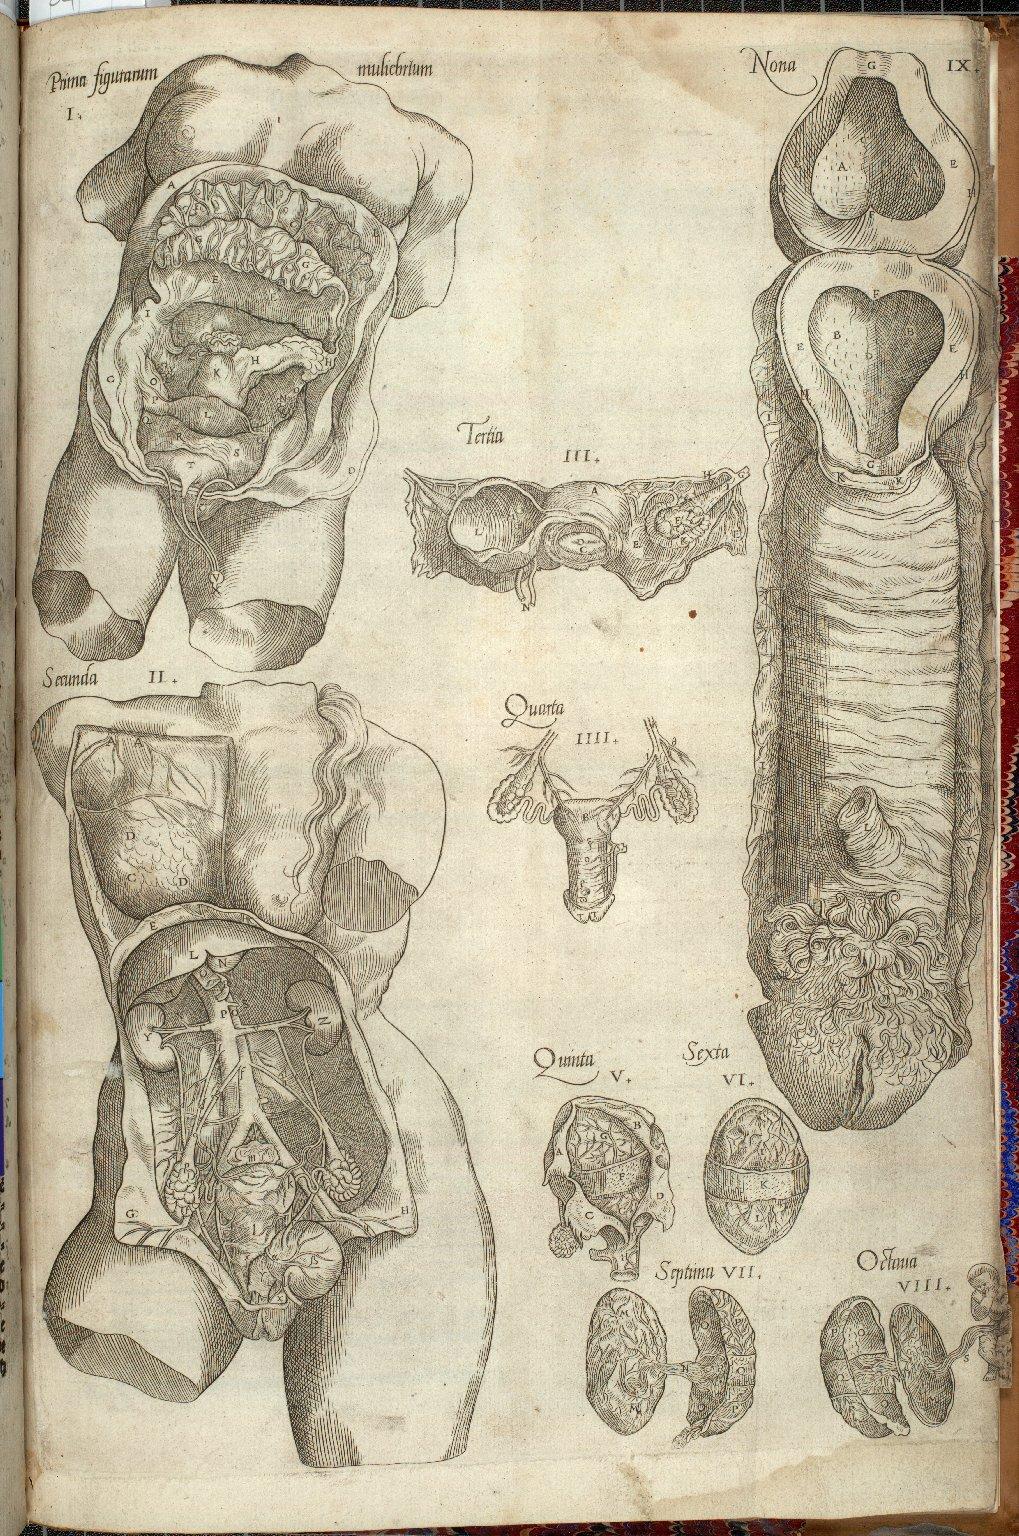 Figurae Muliebries: Prima figurarum, secunda, tertia, quarta, quinta, sexta, septima, octava, nona.